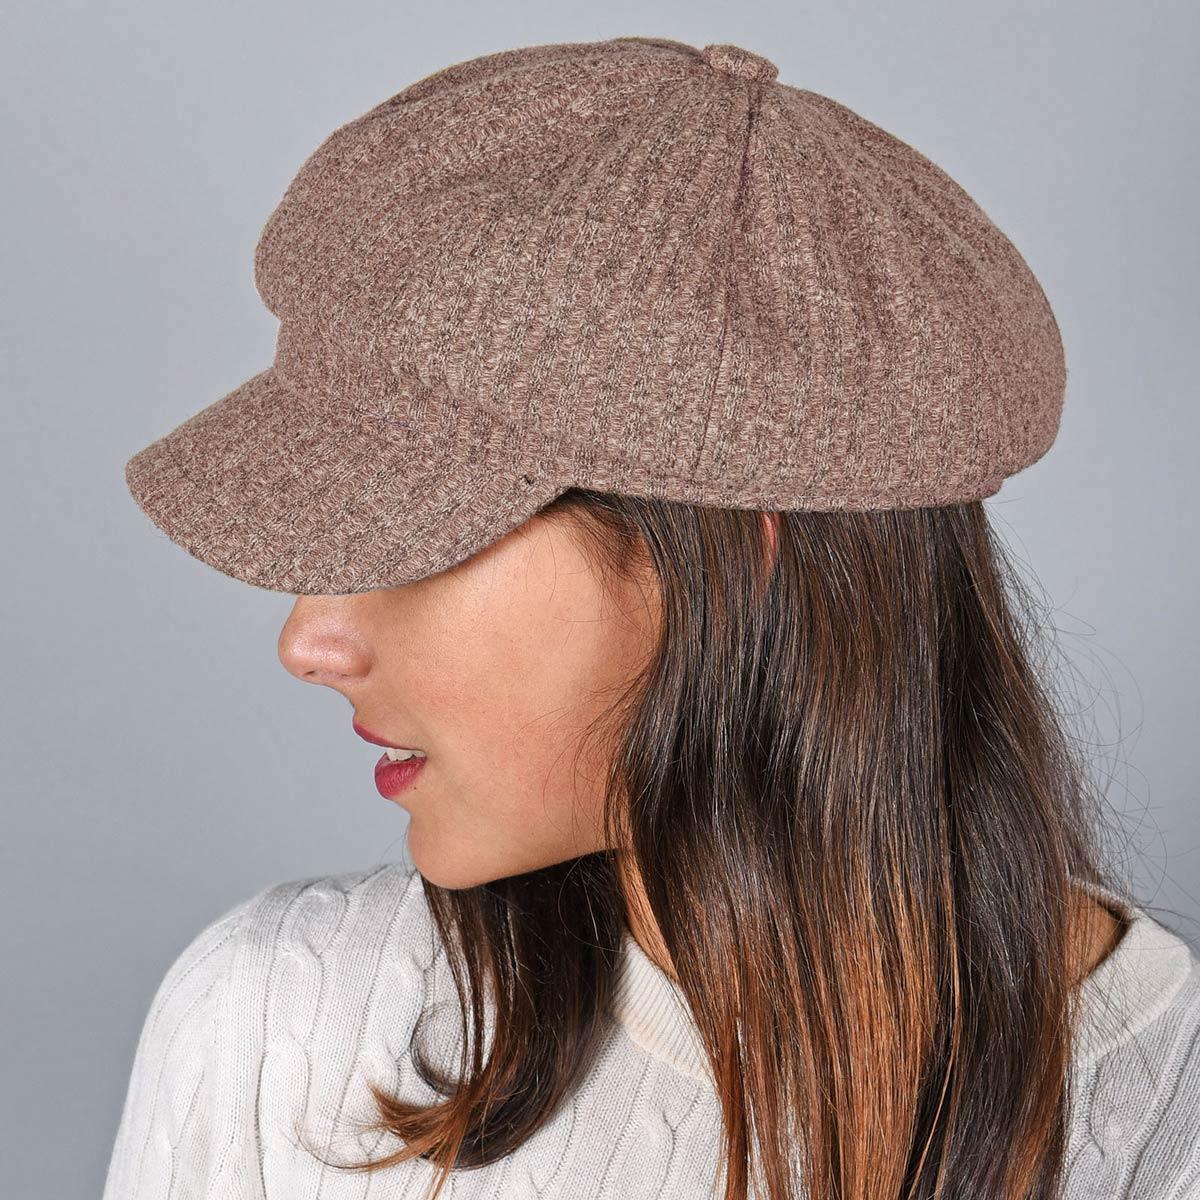 CP-01625-W12-1-casquette-femme-beige